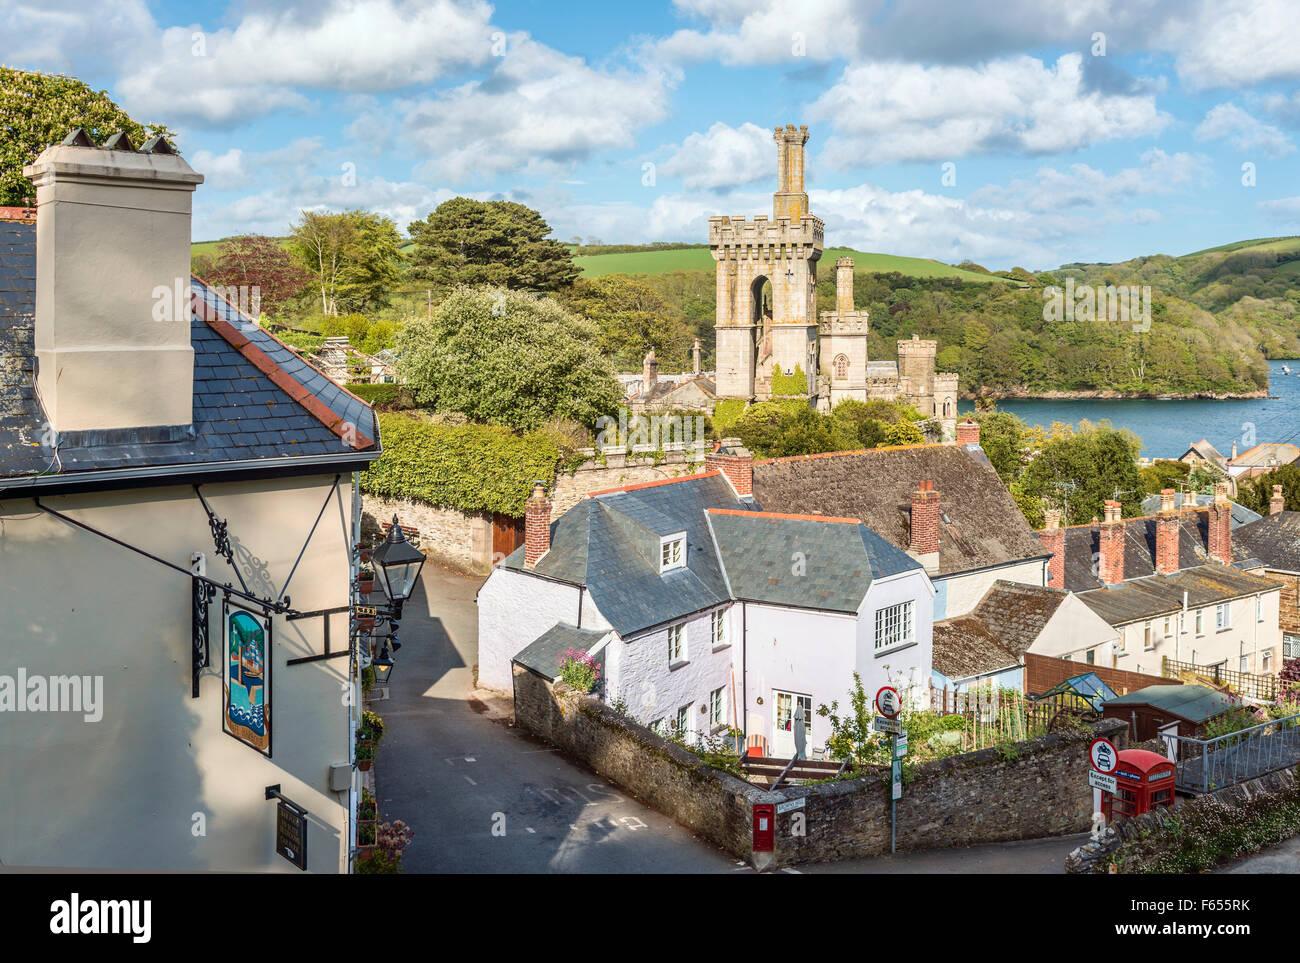 Vue panoramique sur la vieille ville de Fowey, Cornwall, England, UK | Malerische Aussicht über die Altstadt Photo Stock